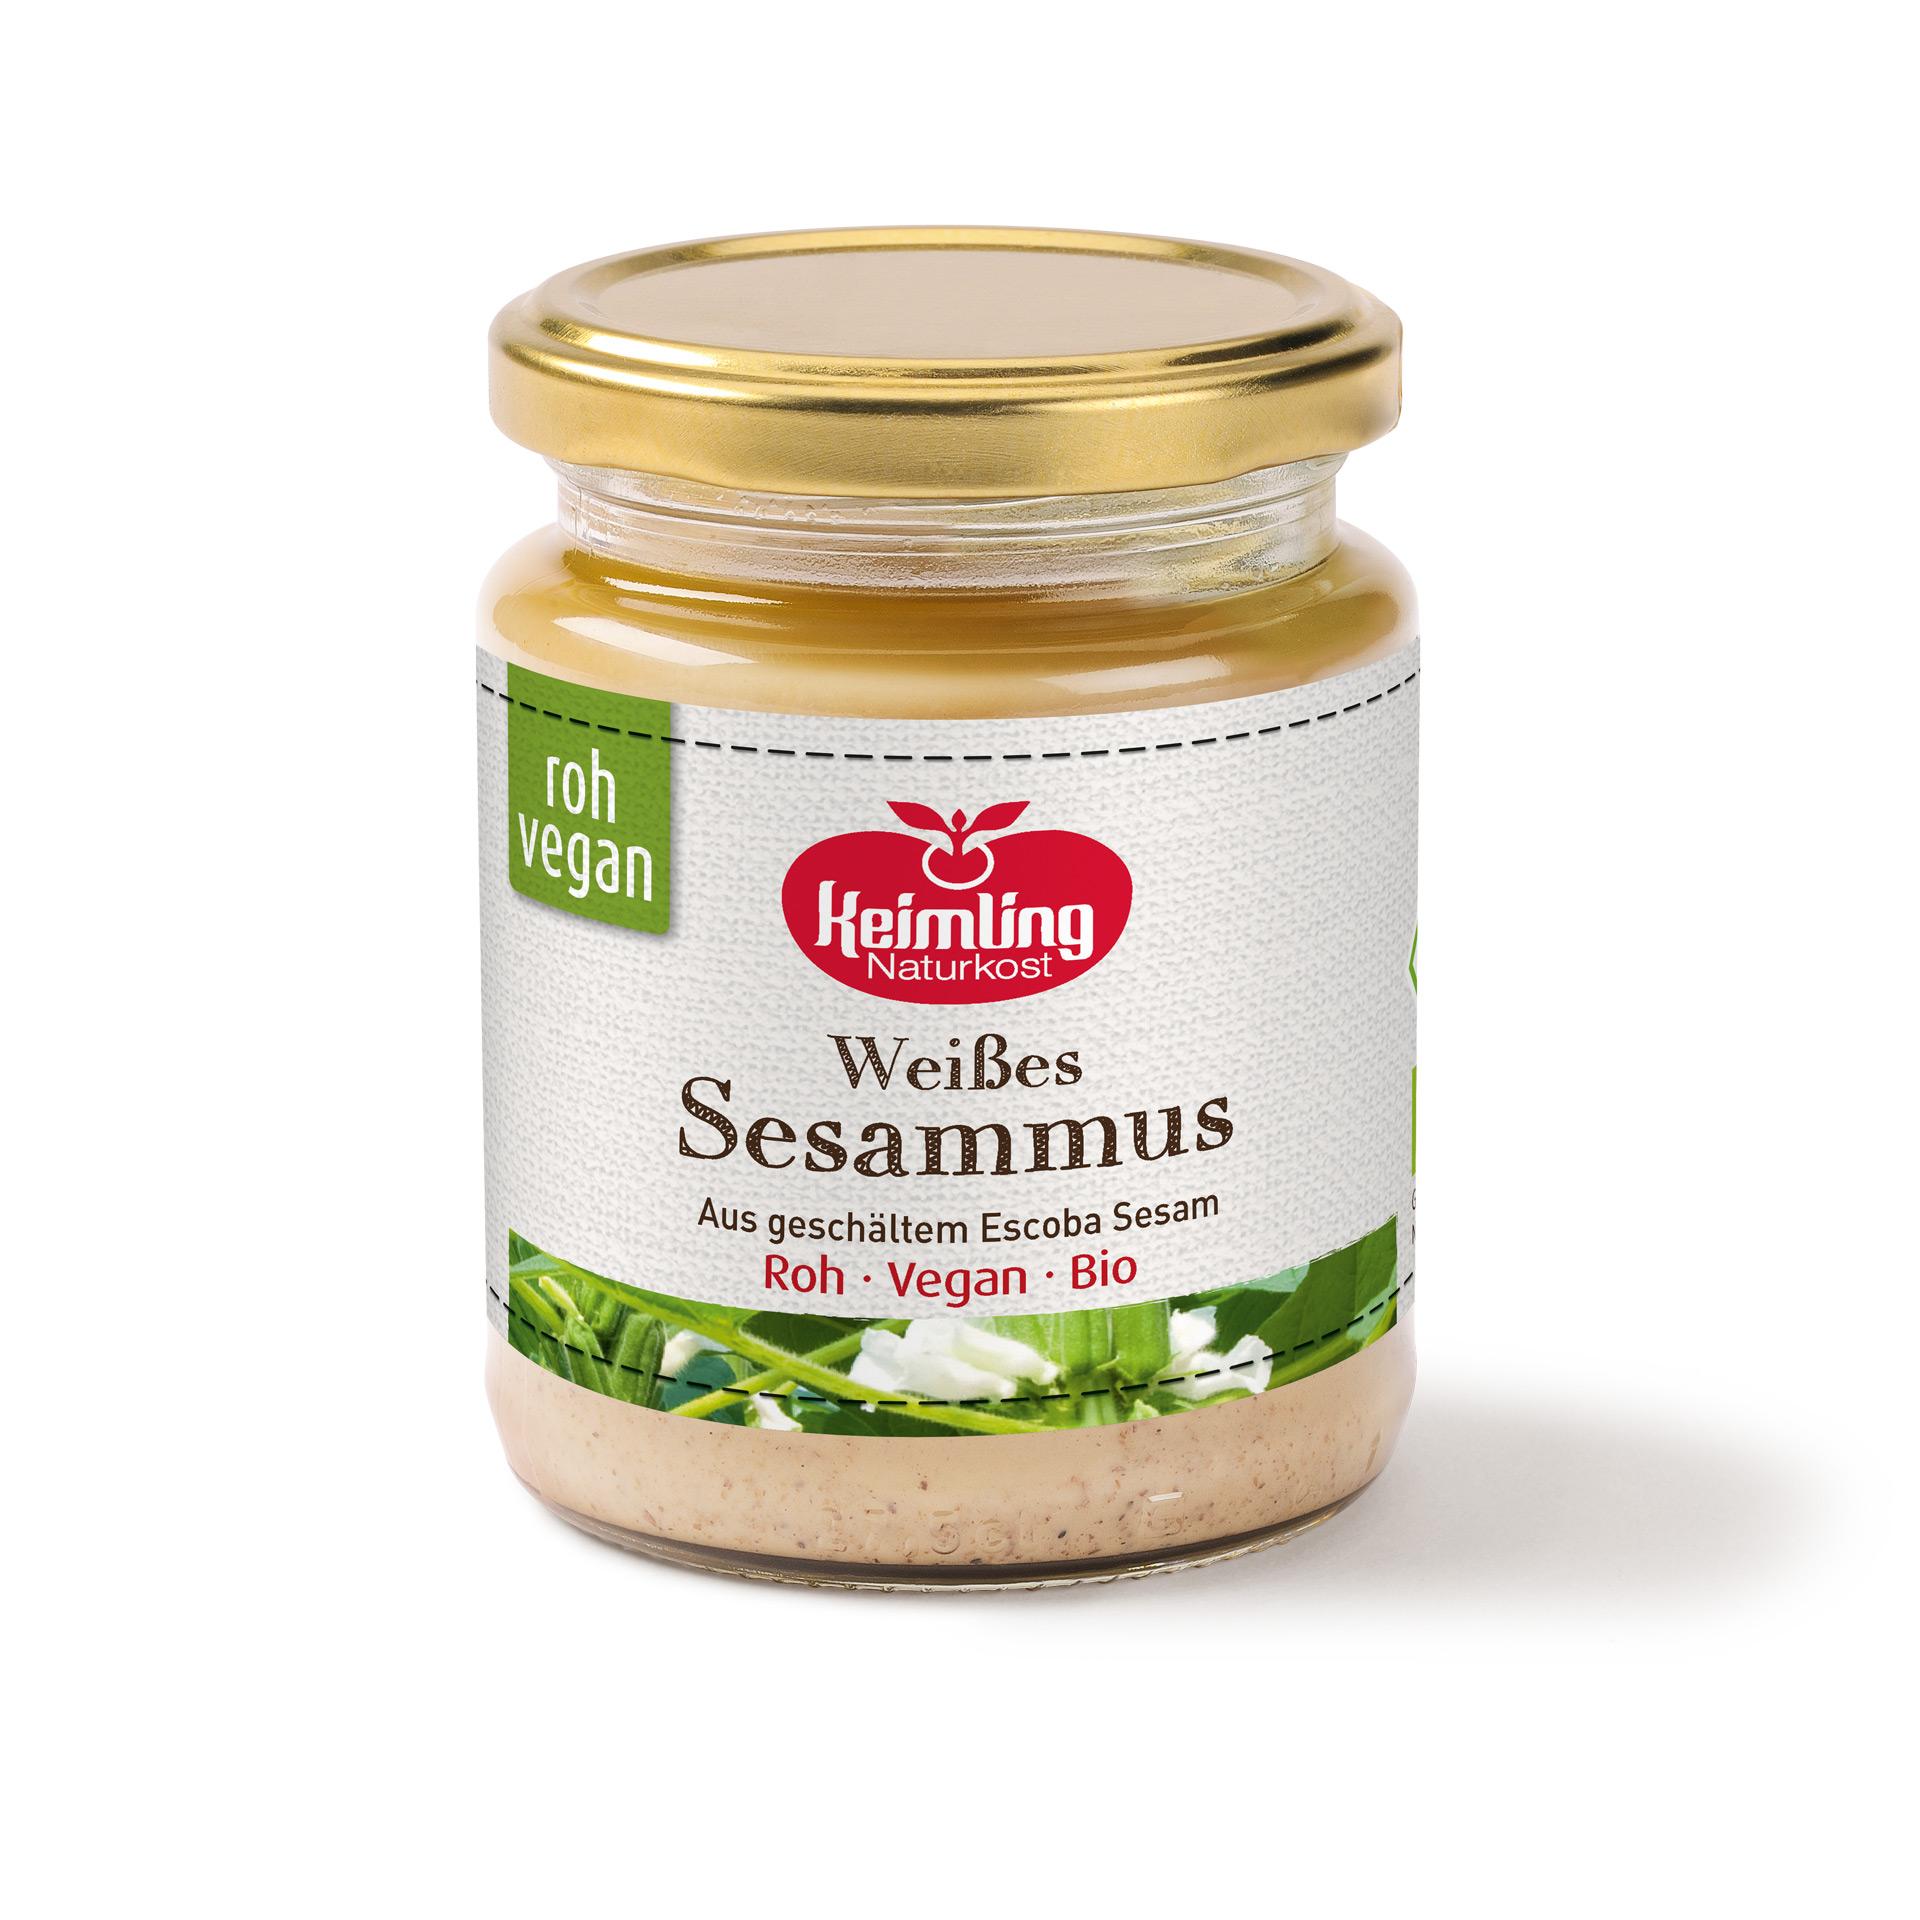 Weißes Sesammus Tahin in Rohkost-Qualität